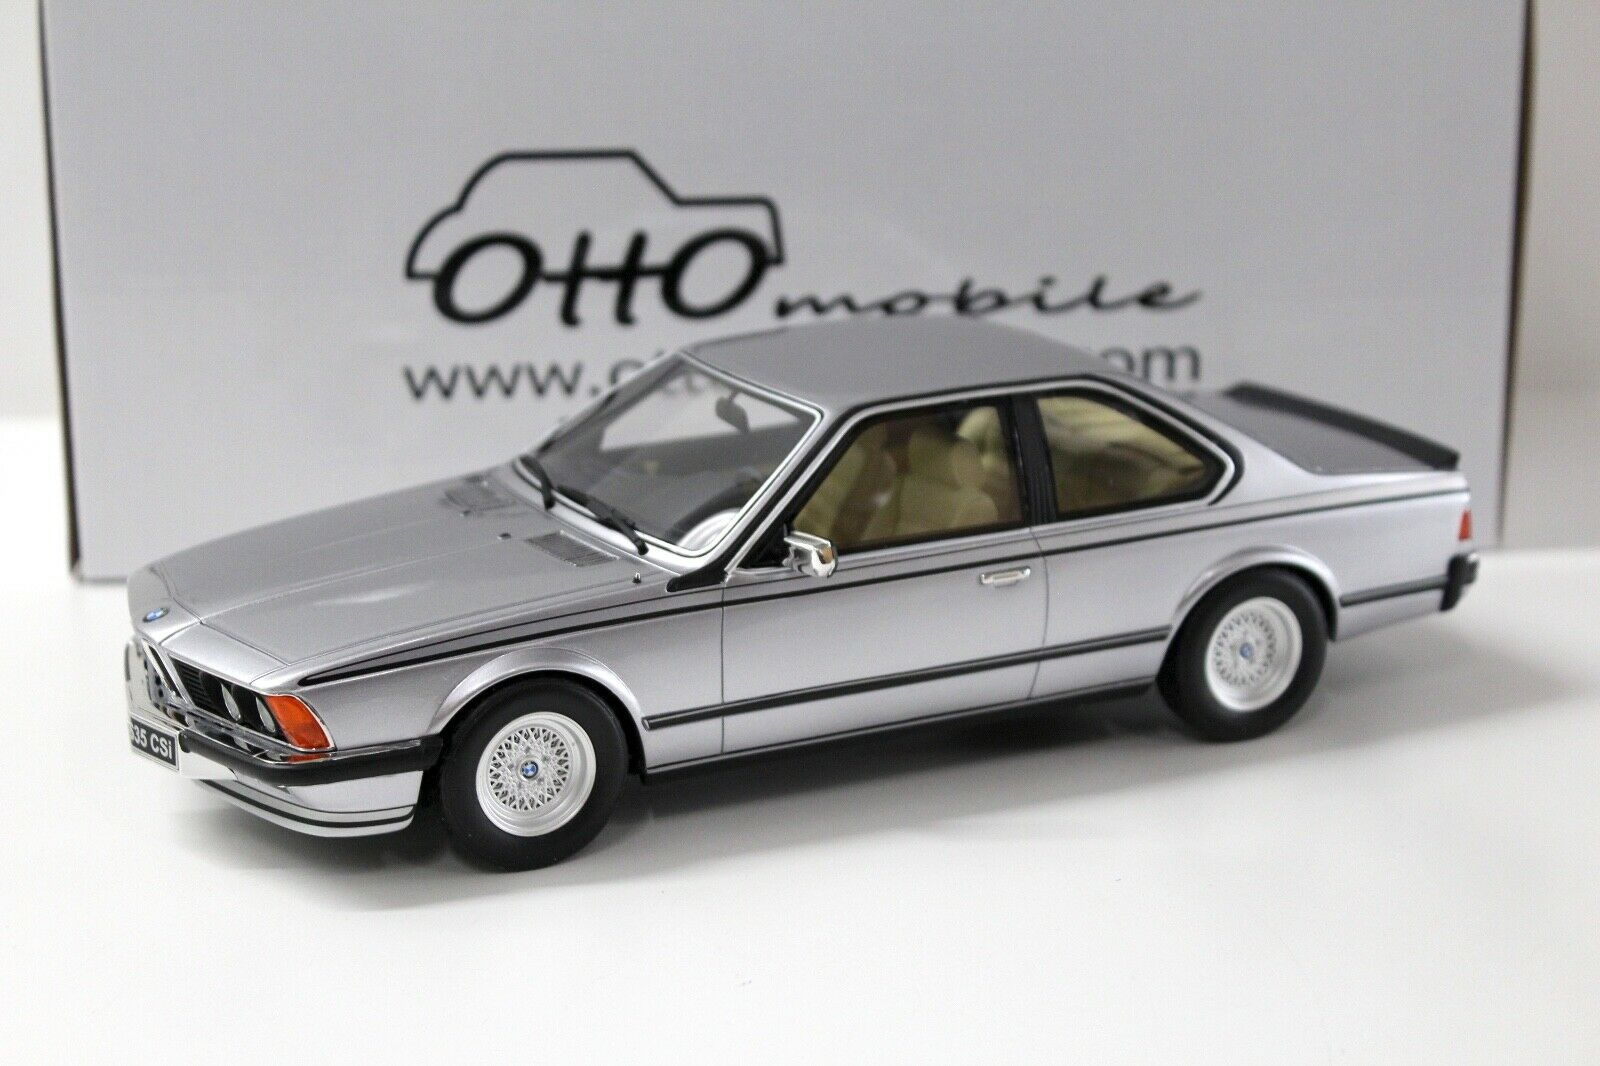 diseñador en linea 1 18 plata plata plata OTTO BMW 635 CSI E24 Coupe nuevo con coches PREMIUM  El ultimo 2018